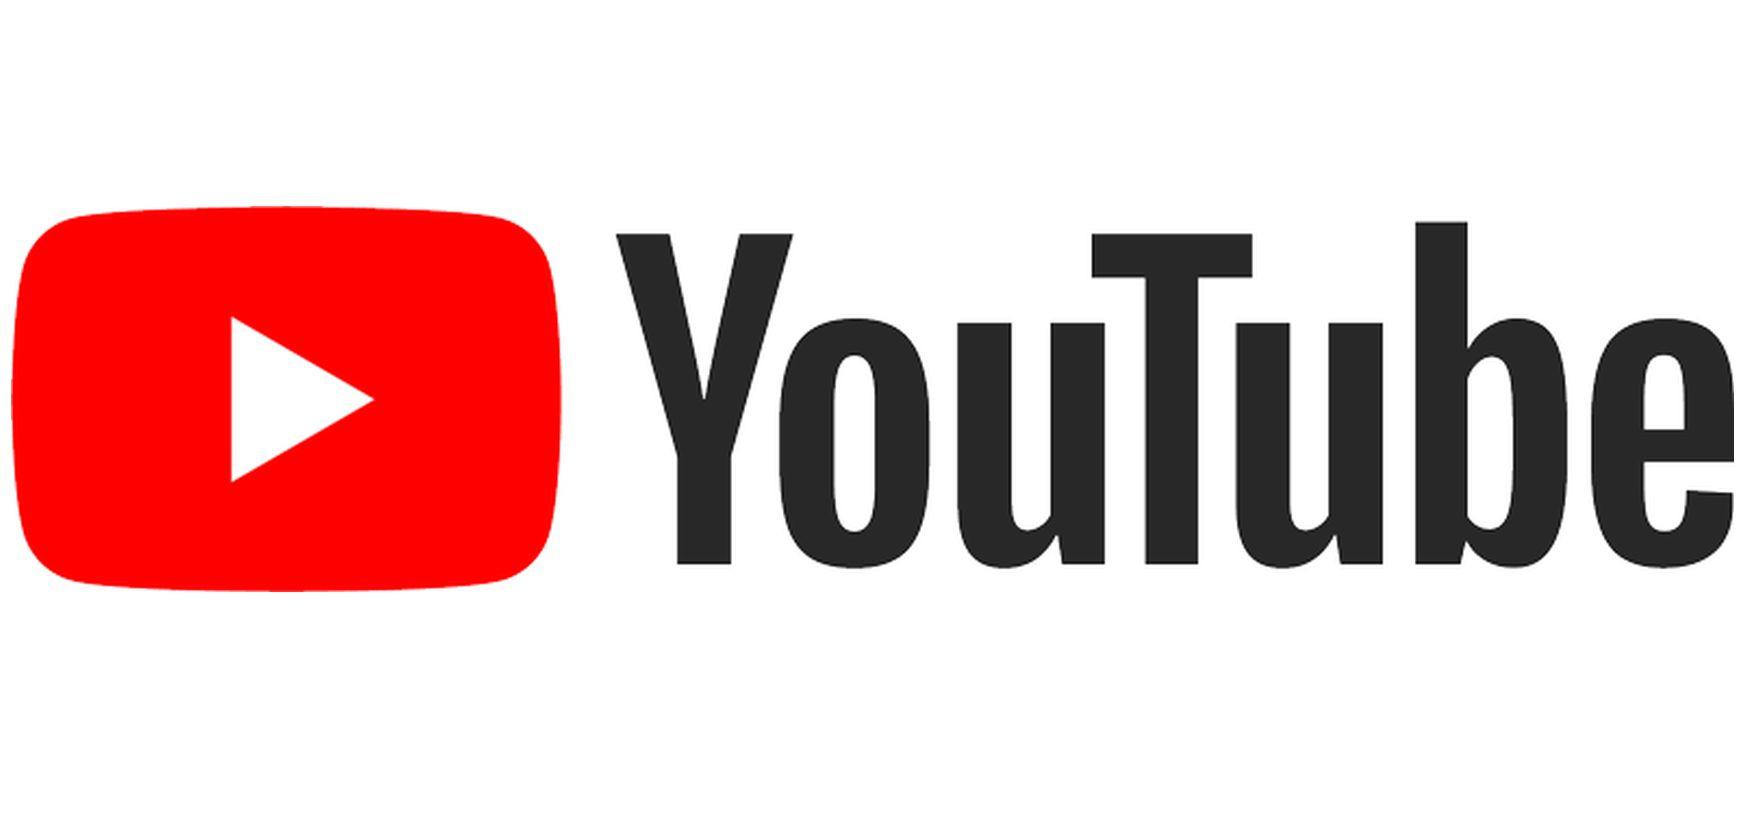 youtube logo, youtube